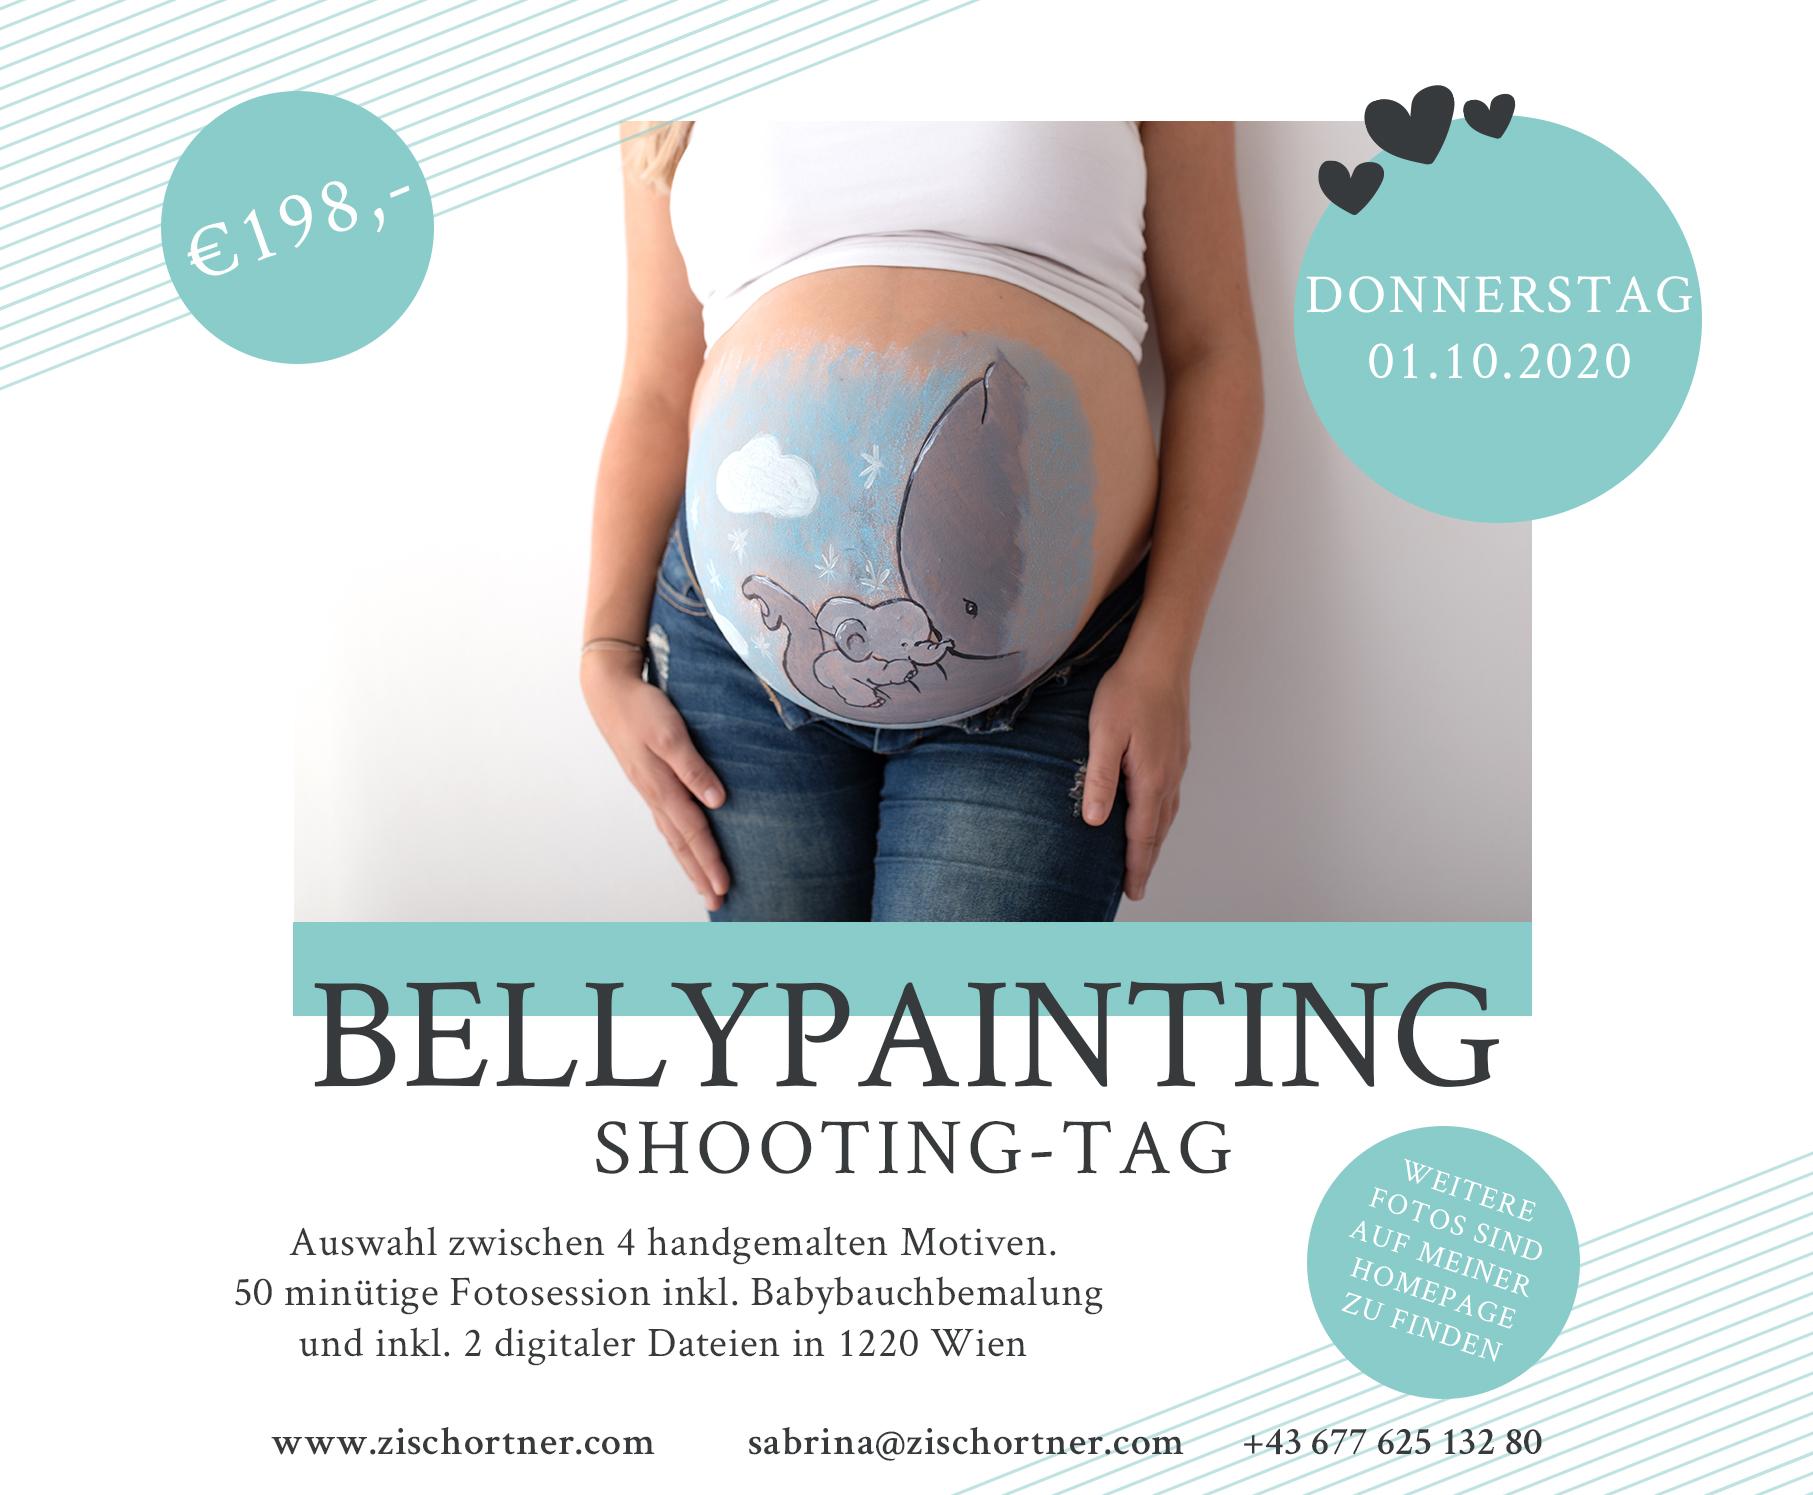 Bellypainting Shooting Babybauch Bemalung Aktion Wien von Sabrina Zisch-Ortner